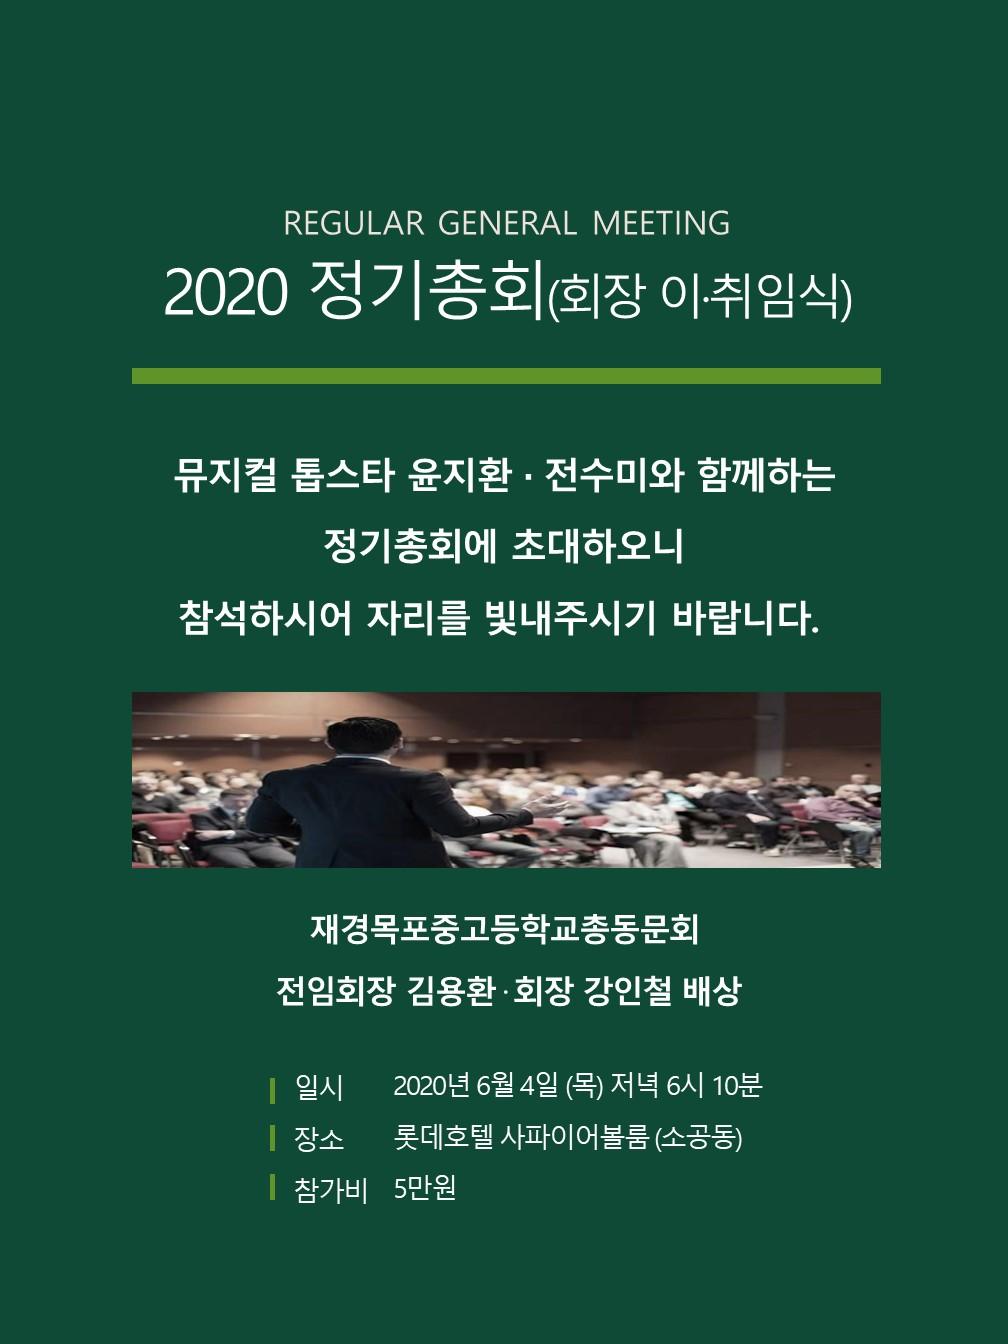 2020정기총회및회장이취임식초대장1.jpg